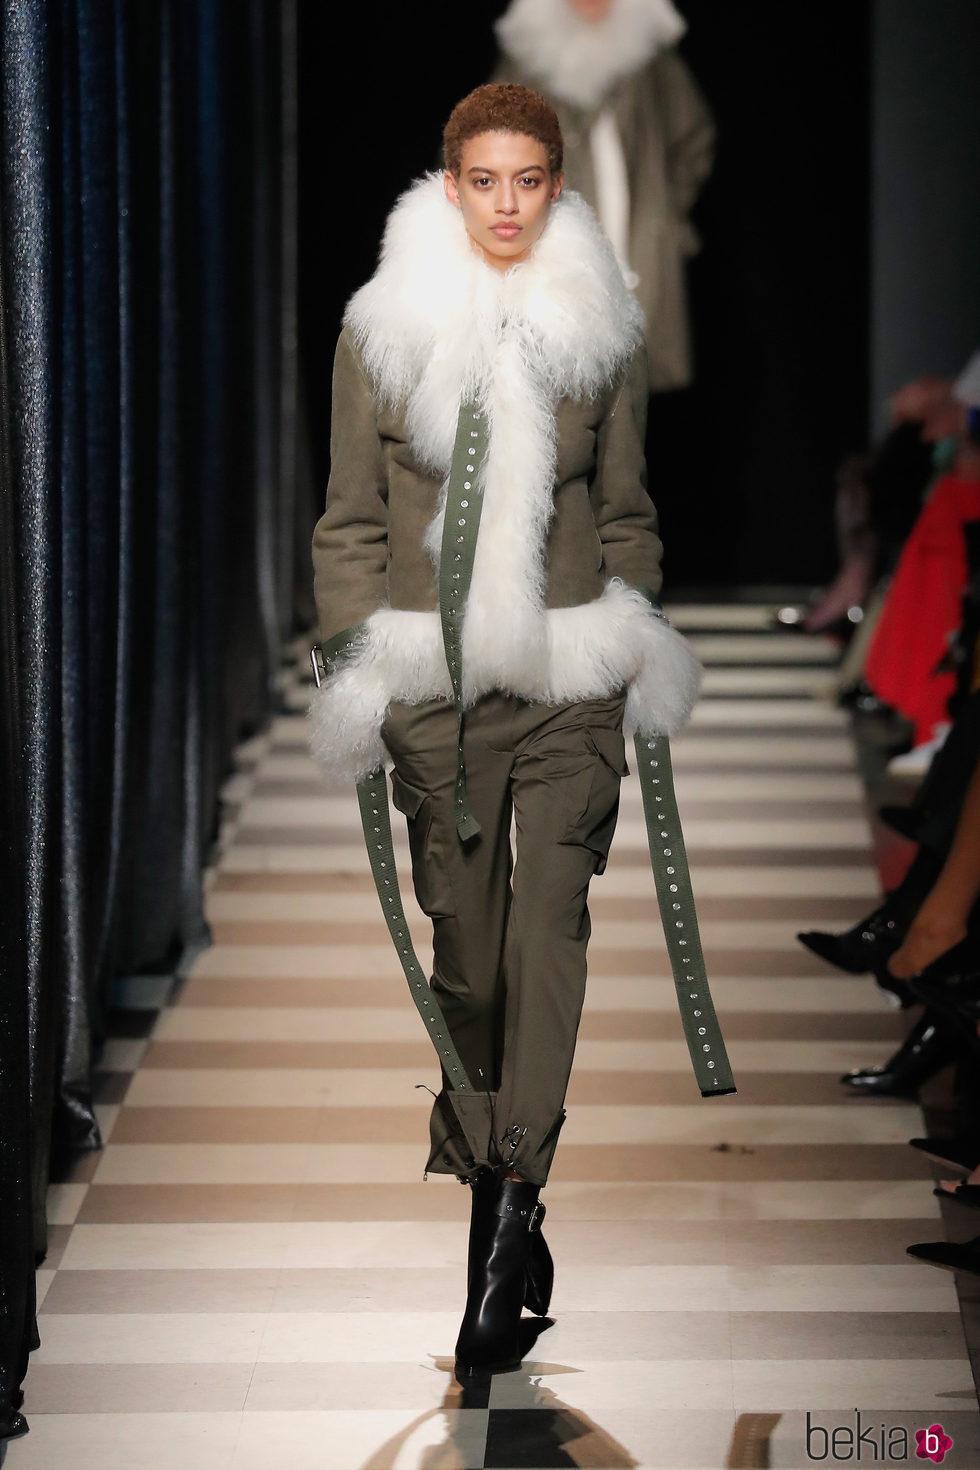 Abrigo de pelo de Monse otoño/invierno 2017/2018 en la New York Fashion Week